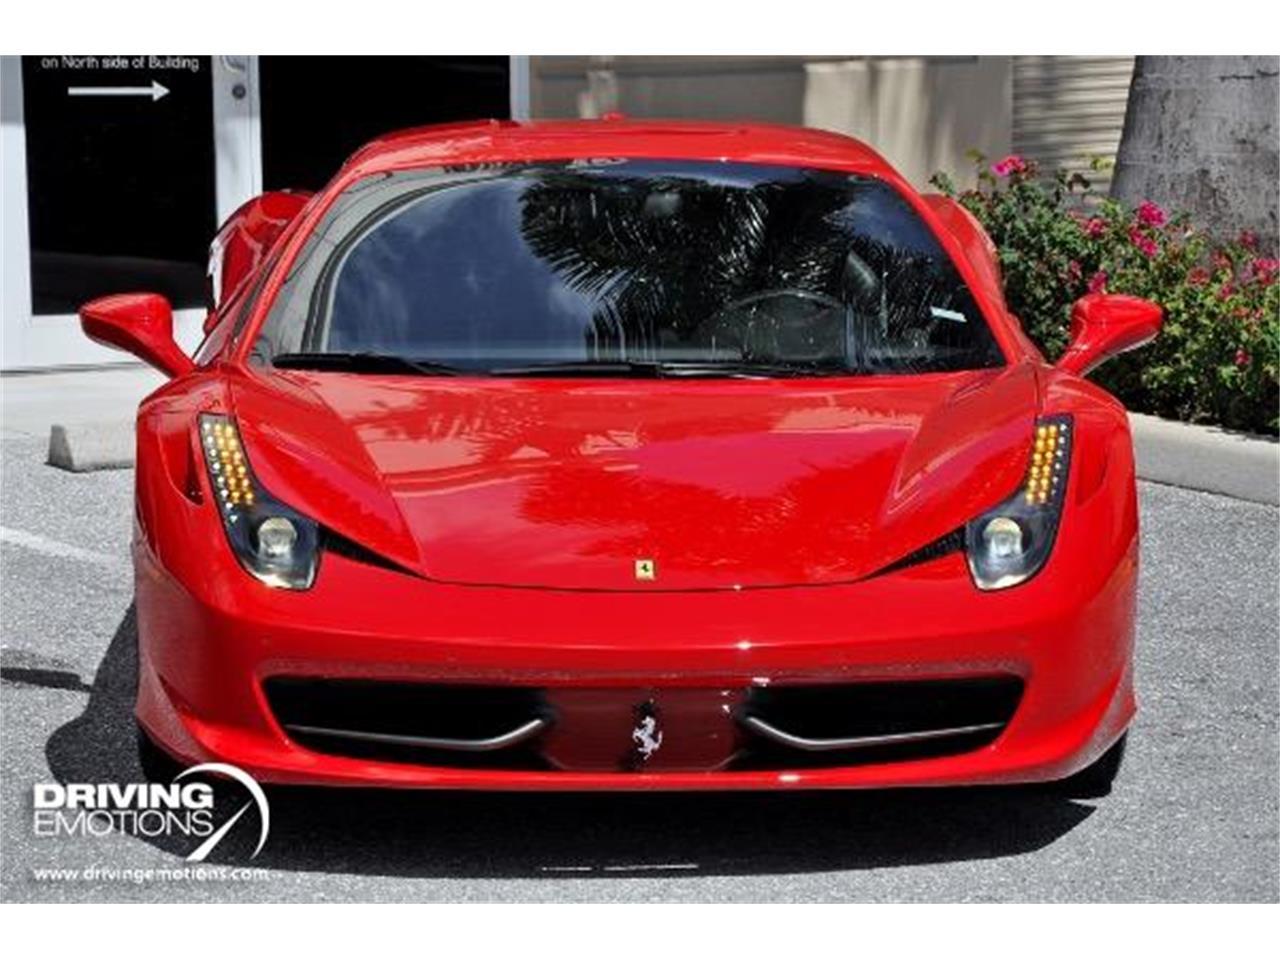 Large Picture of '15 Ferrari 458 - $219,900.00 - QQMD